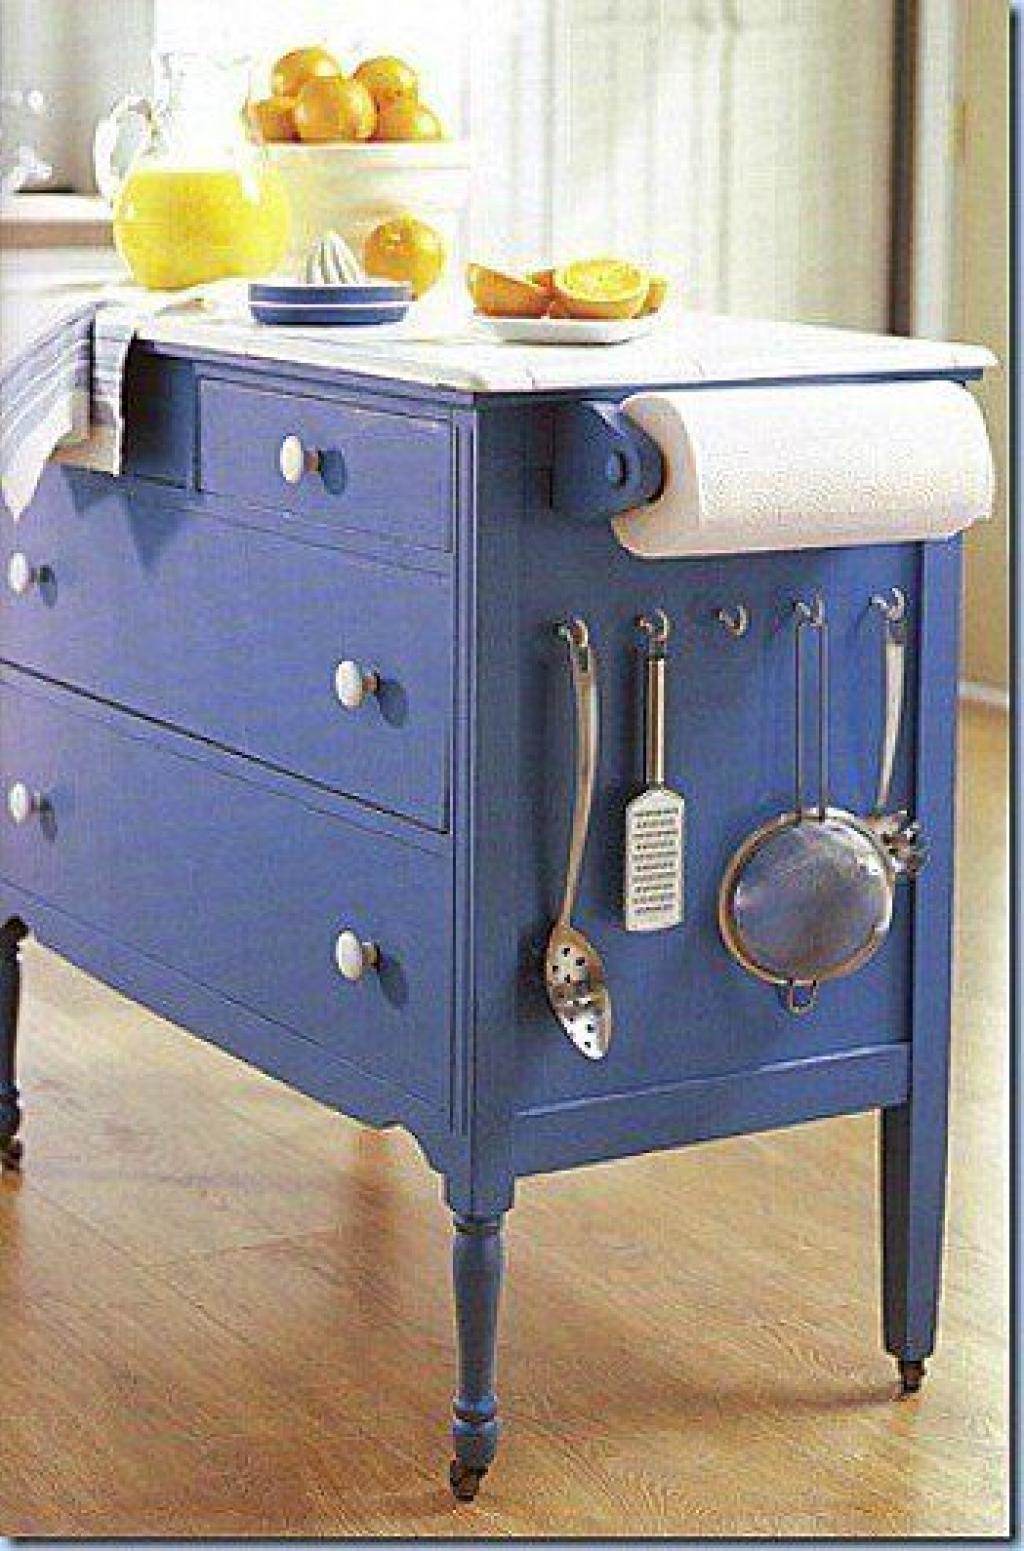 29 id es pour transformer de vieux meubles en nouveaux page 3 sur 3 des id es. Black Bedroom Furniture Sets. Home Design Ideas